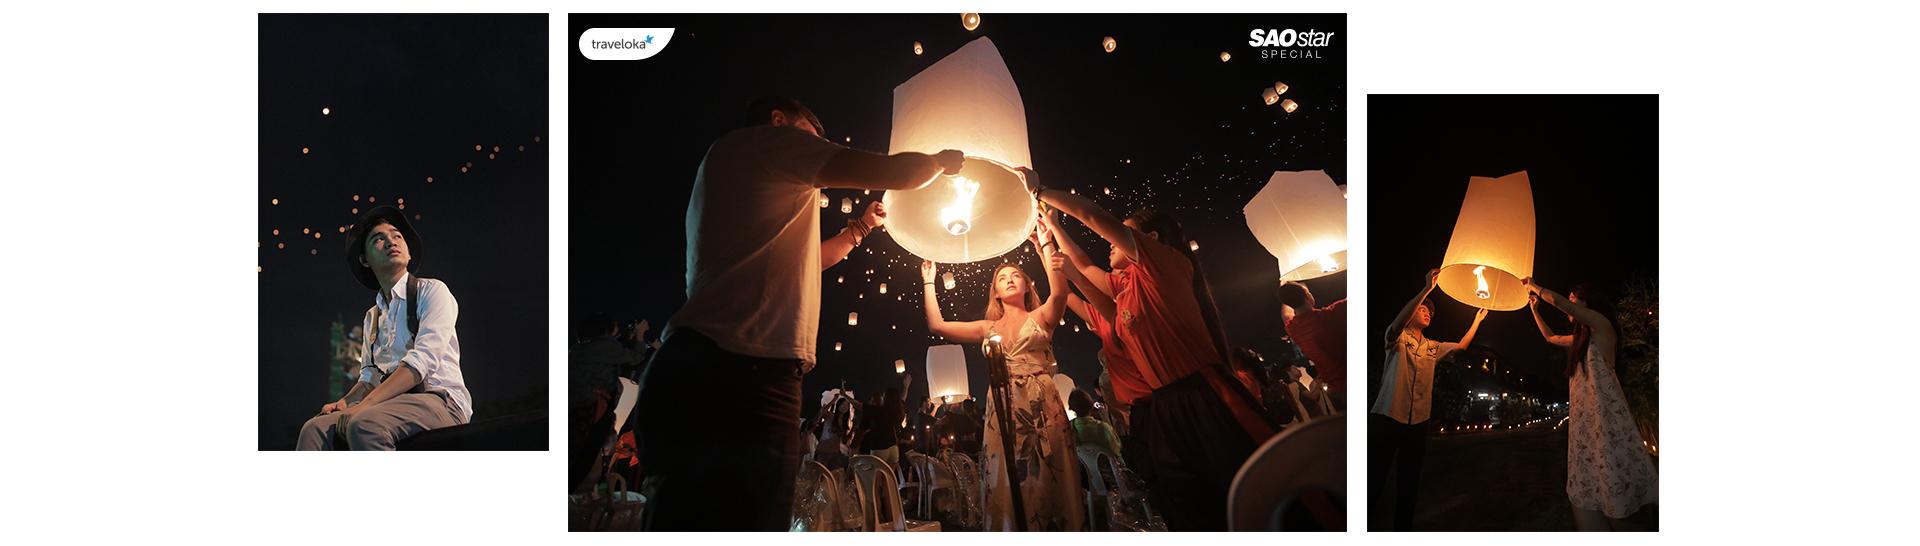 Có một Chiang Mai và Boracay 'không giống ai' qua con mắt của các thực tập sinh du lịch